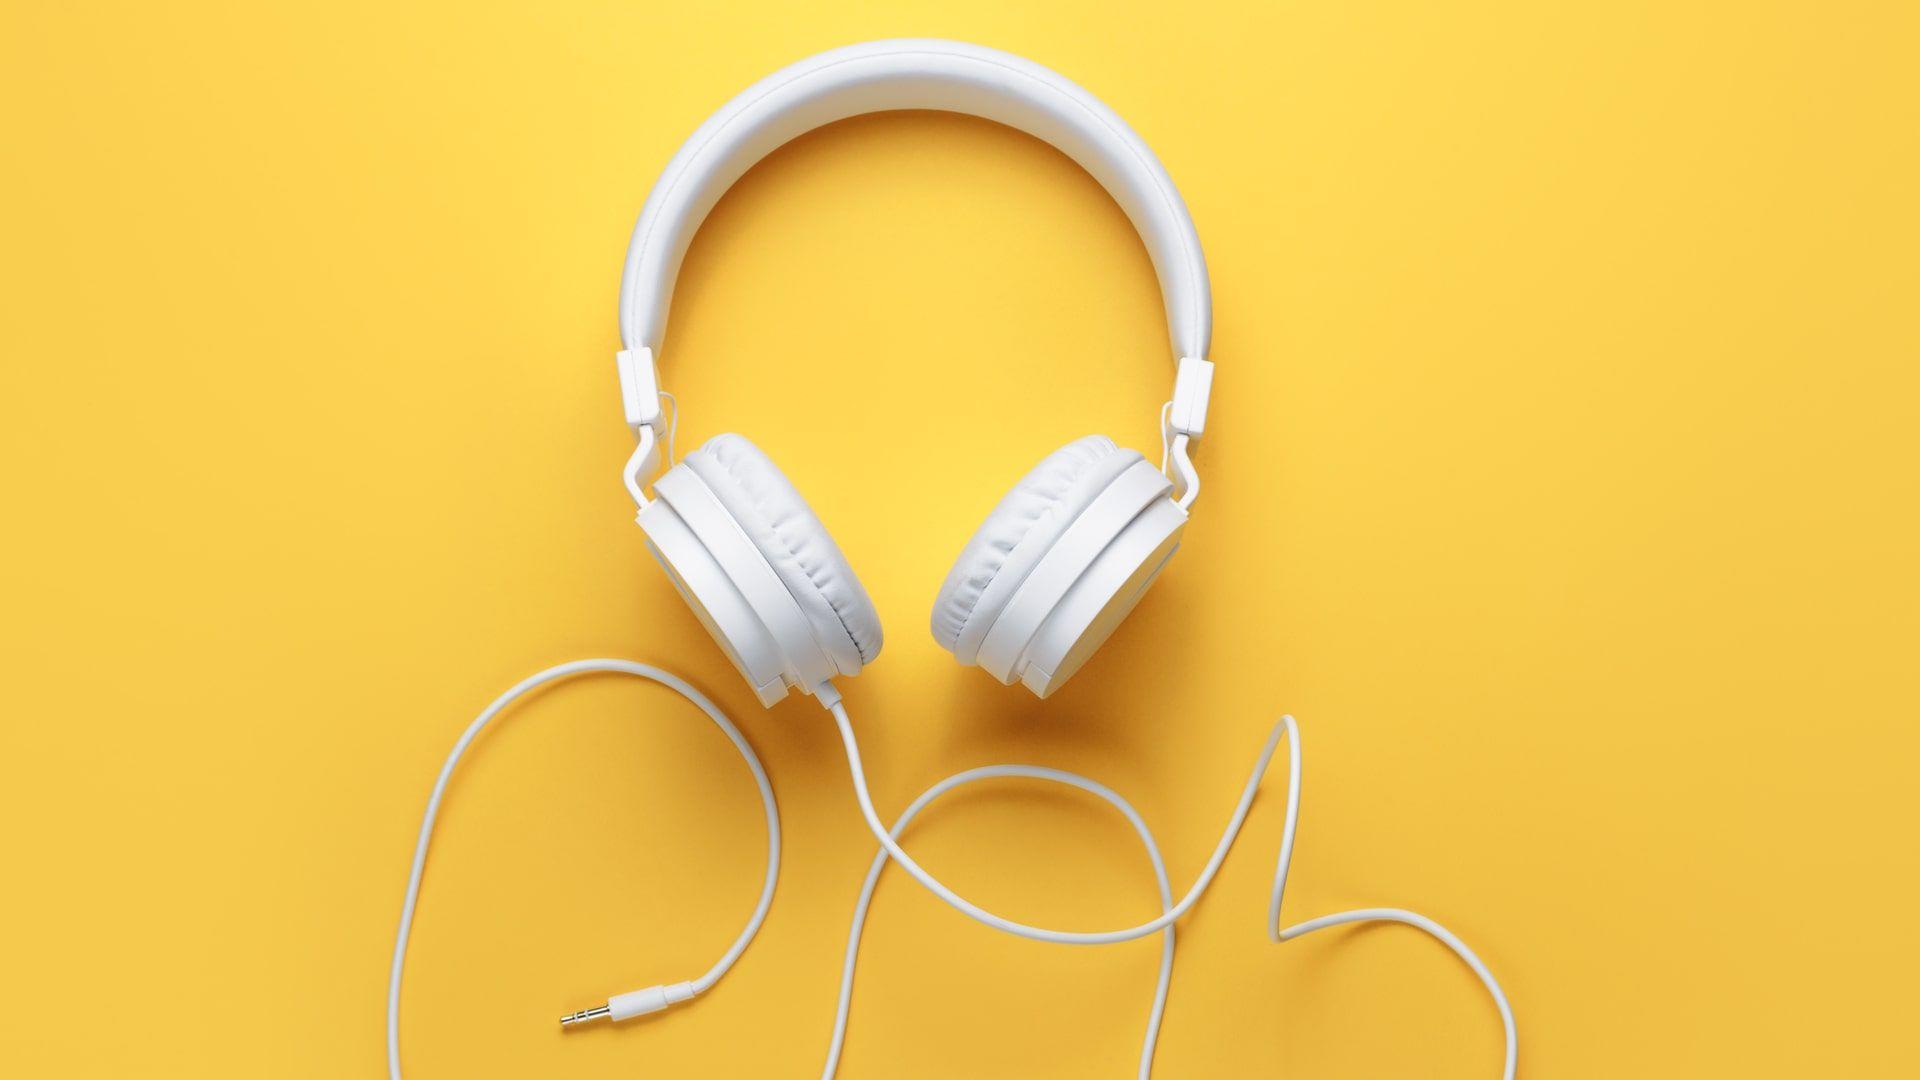 Fone de ouvido com fio no estilo headphone em um fundo amarelo